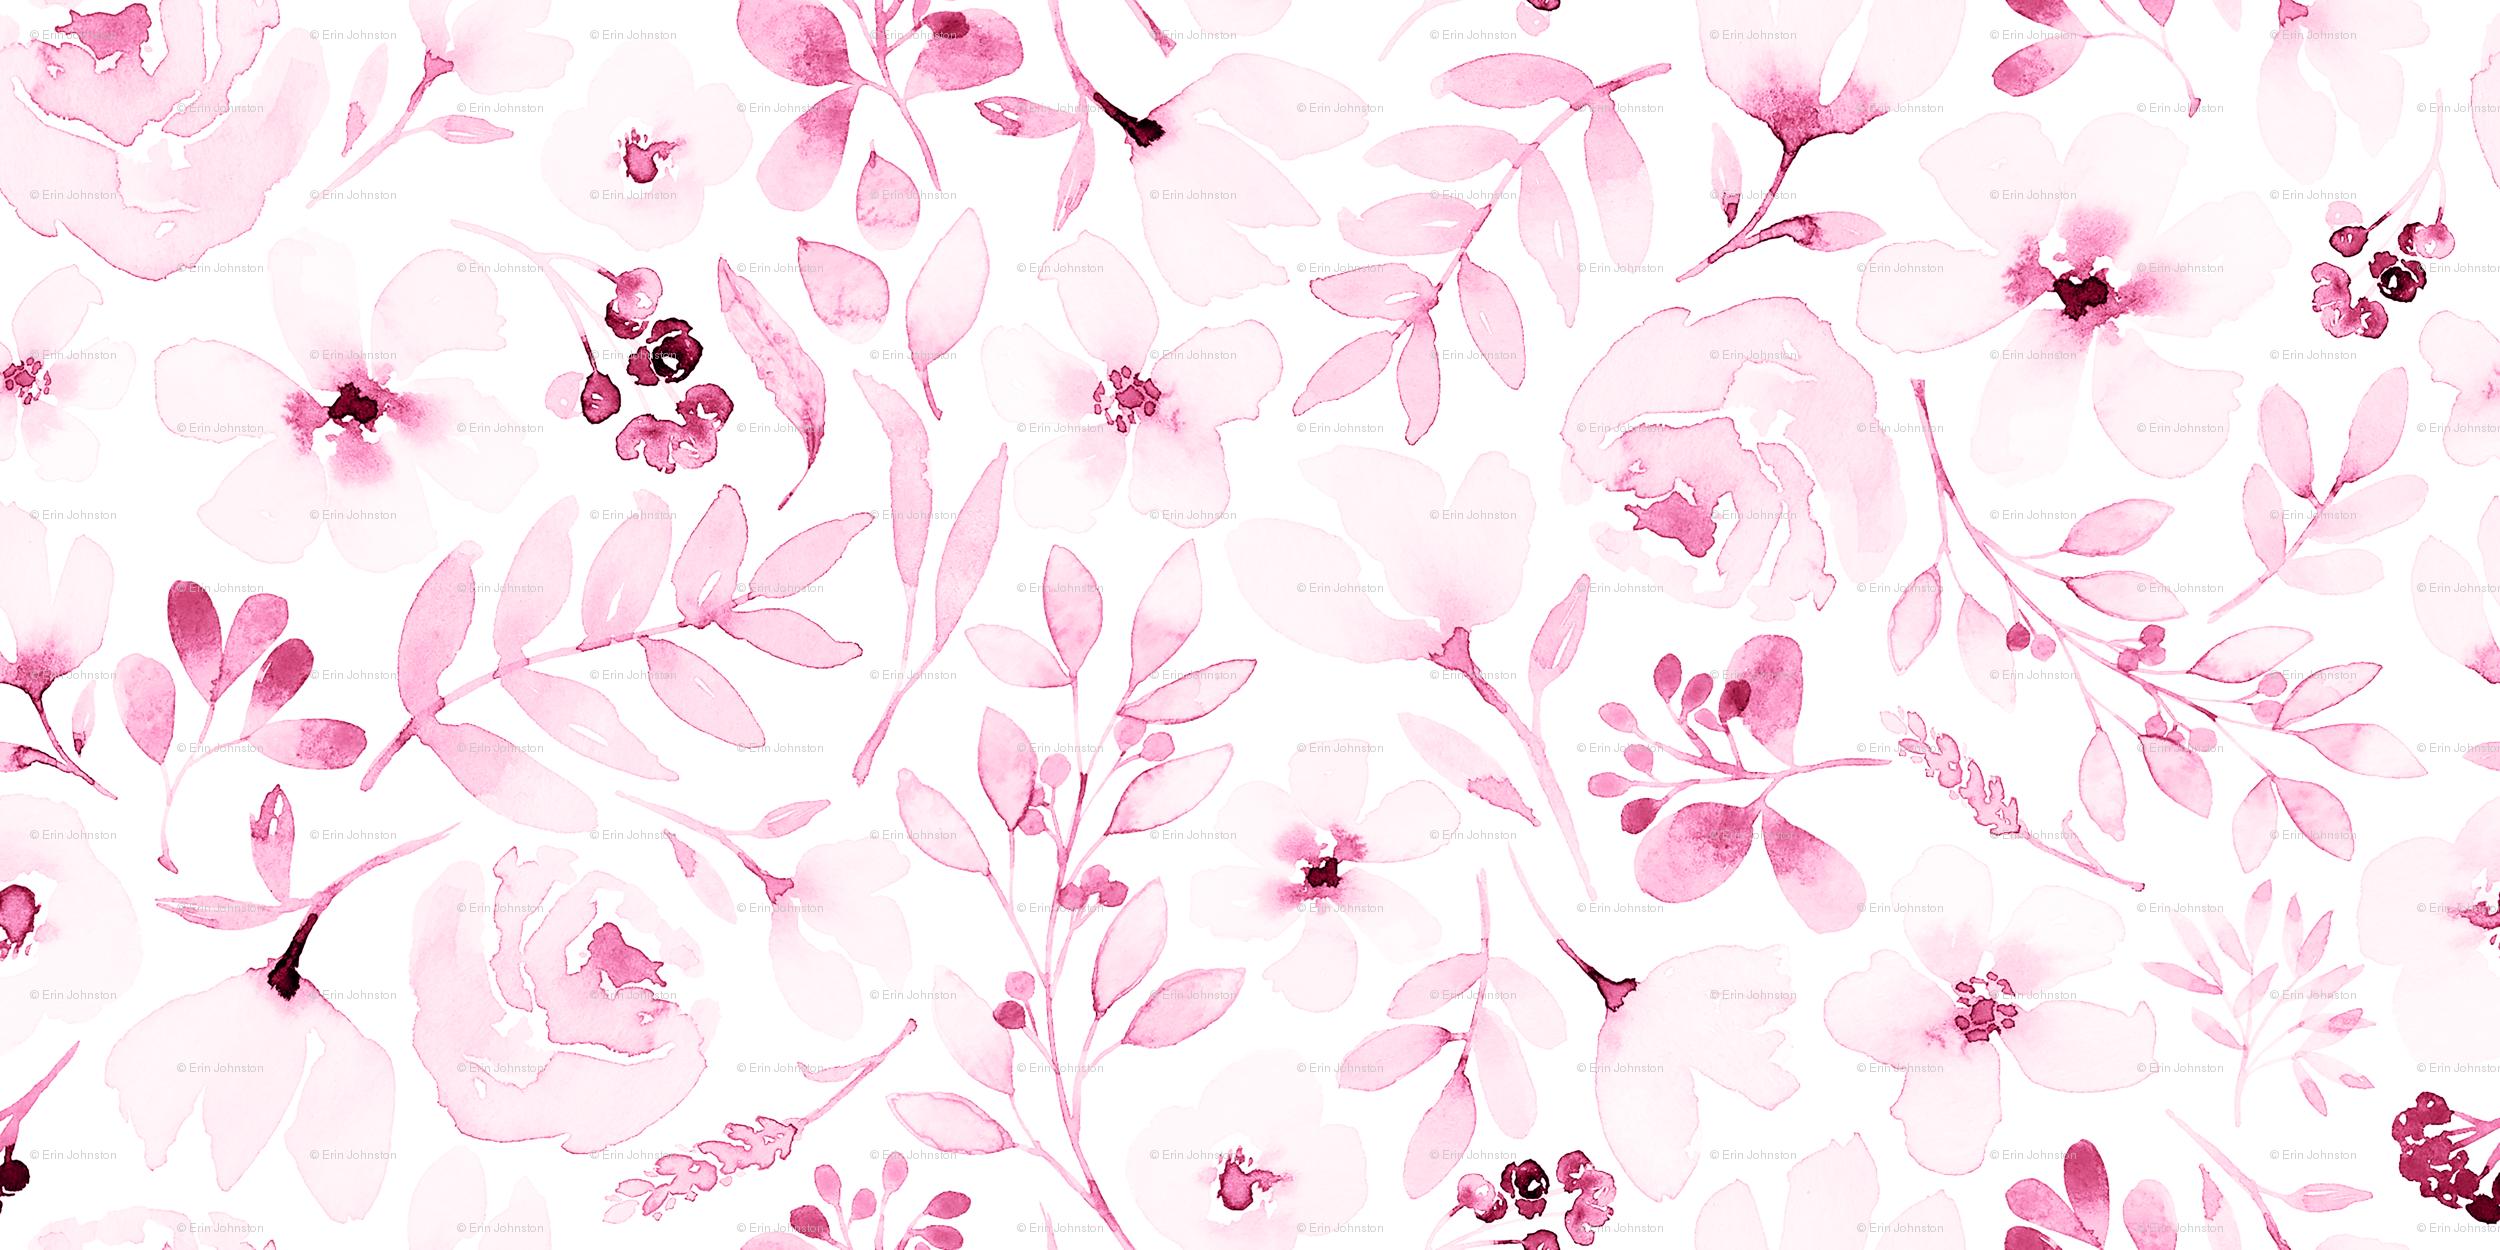 Dainty Watercolor Flower Wallpaper Free Download Wallpaper